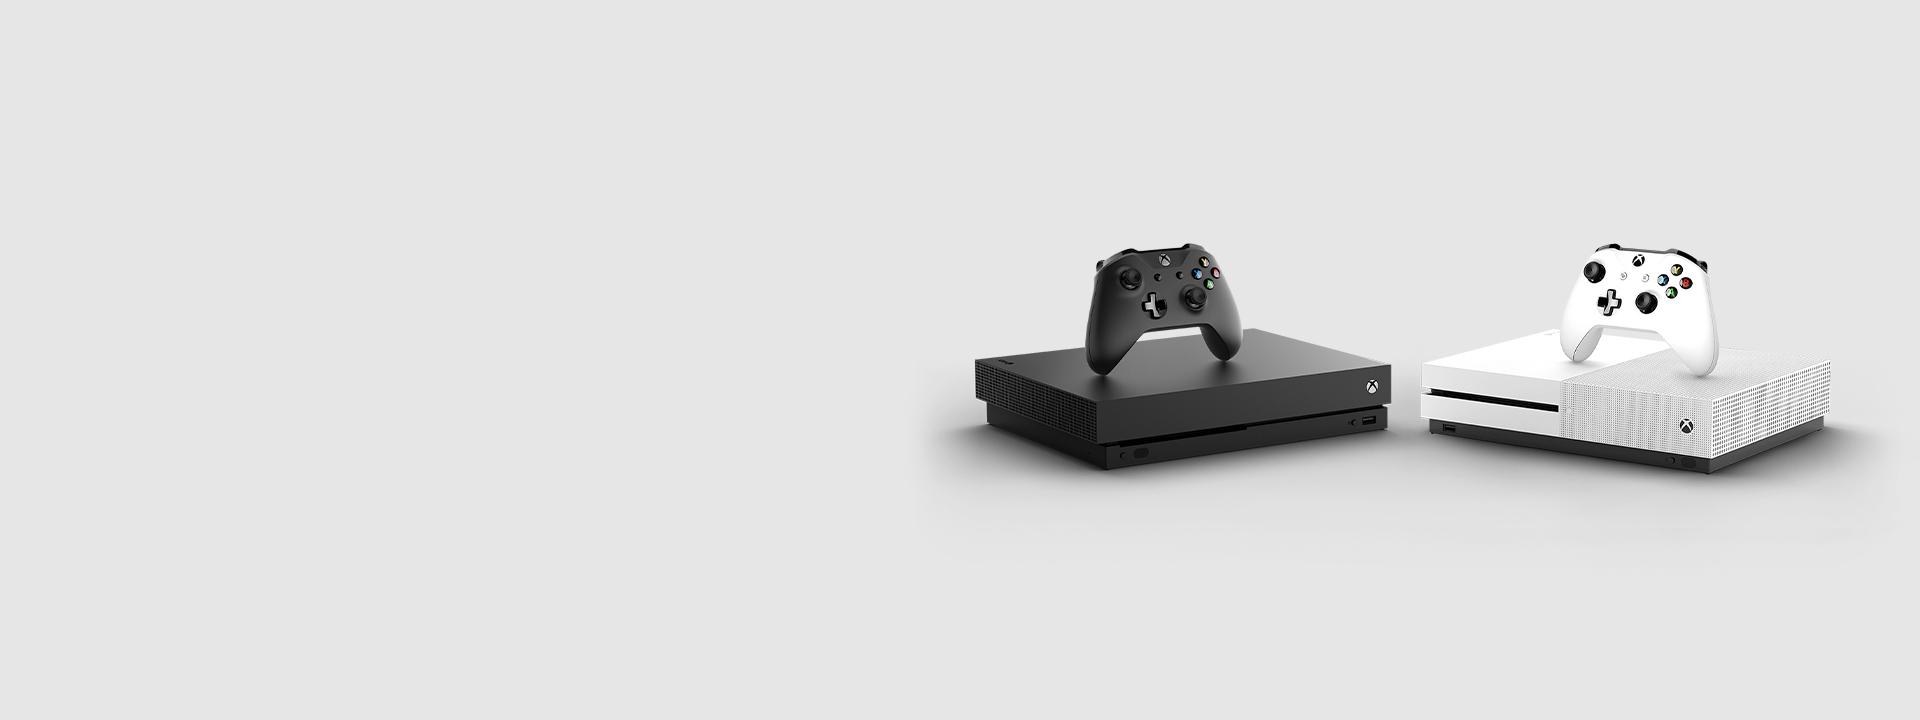 「Xbox One 本体全製品5,000 円 OFF サマー セール」 キャンペーン実施中